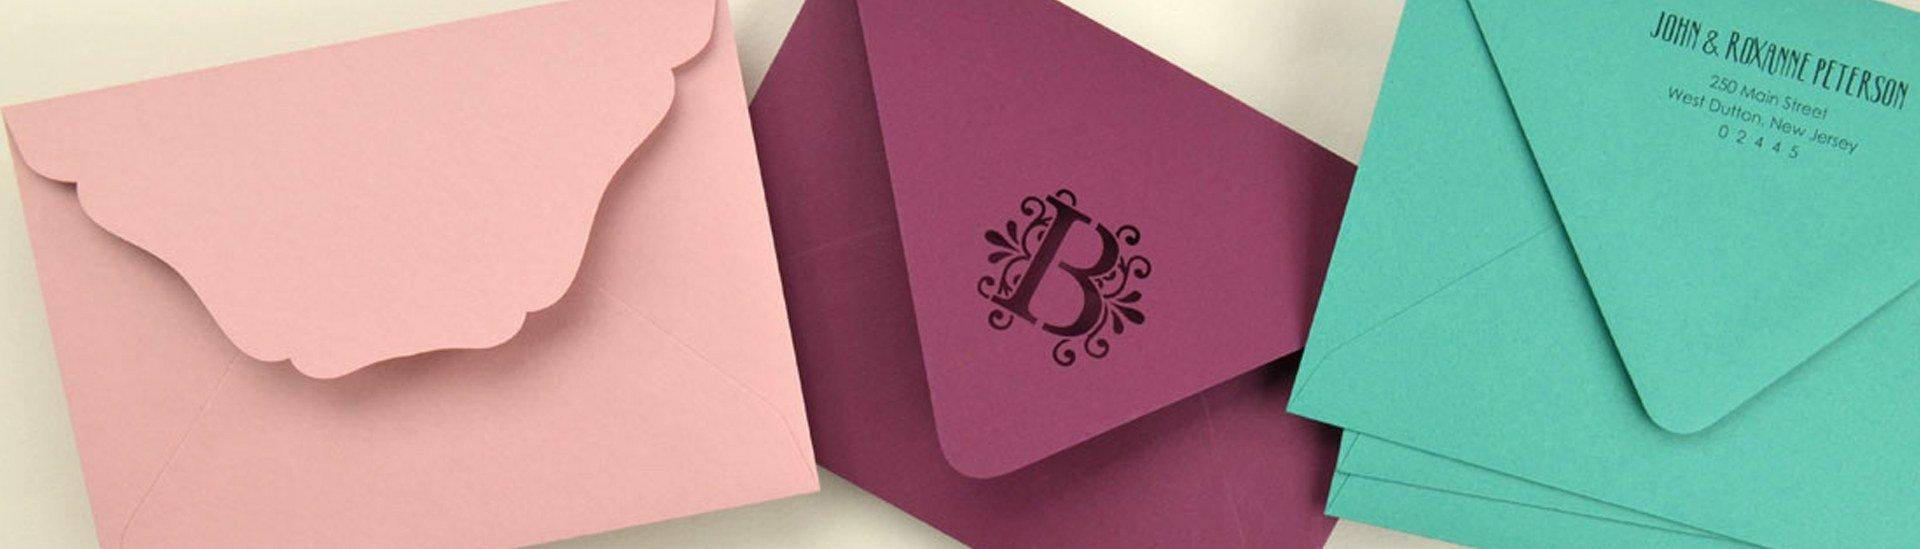 Envelope Manufacturer